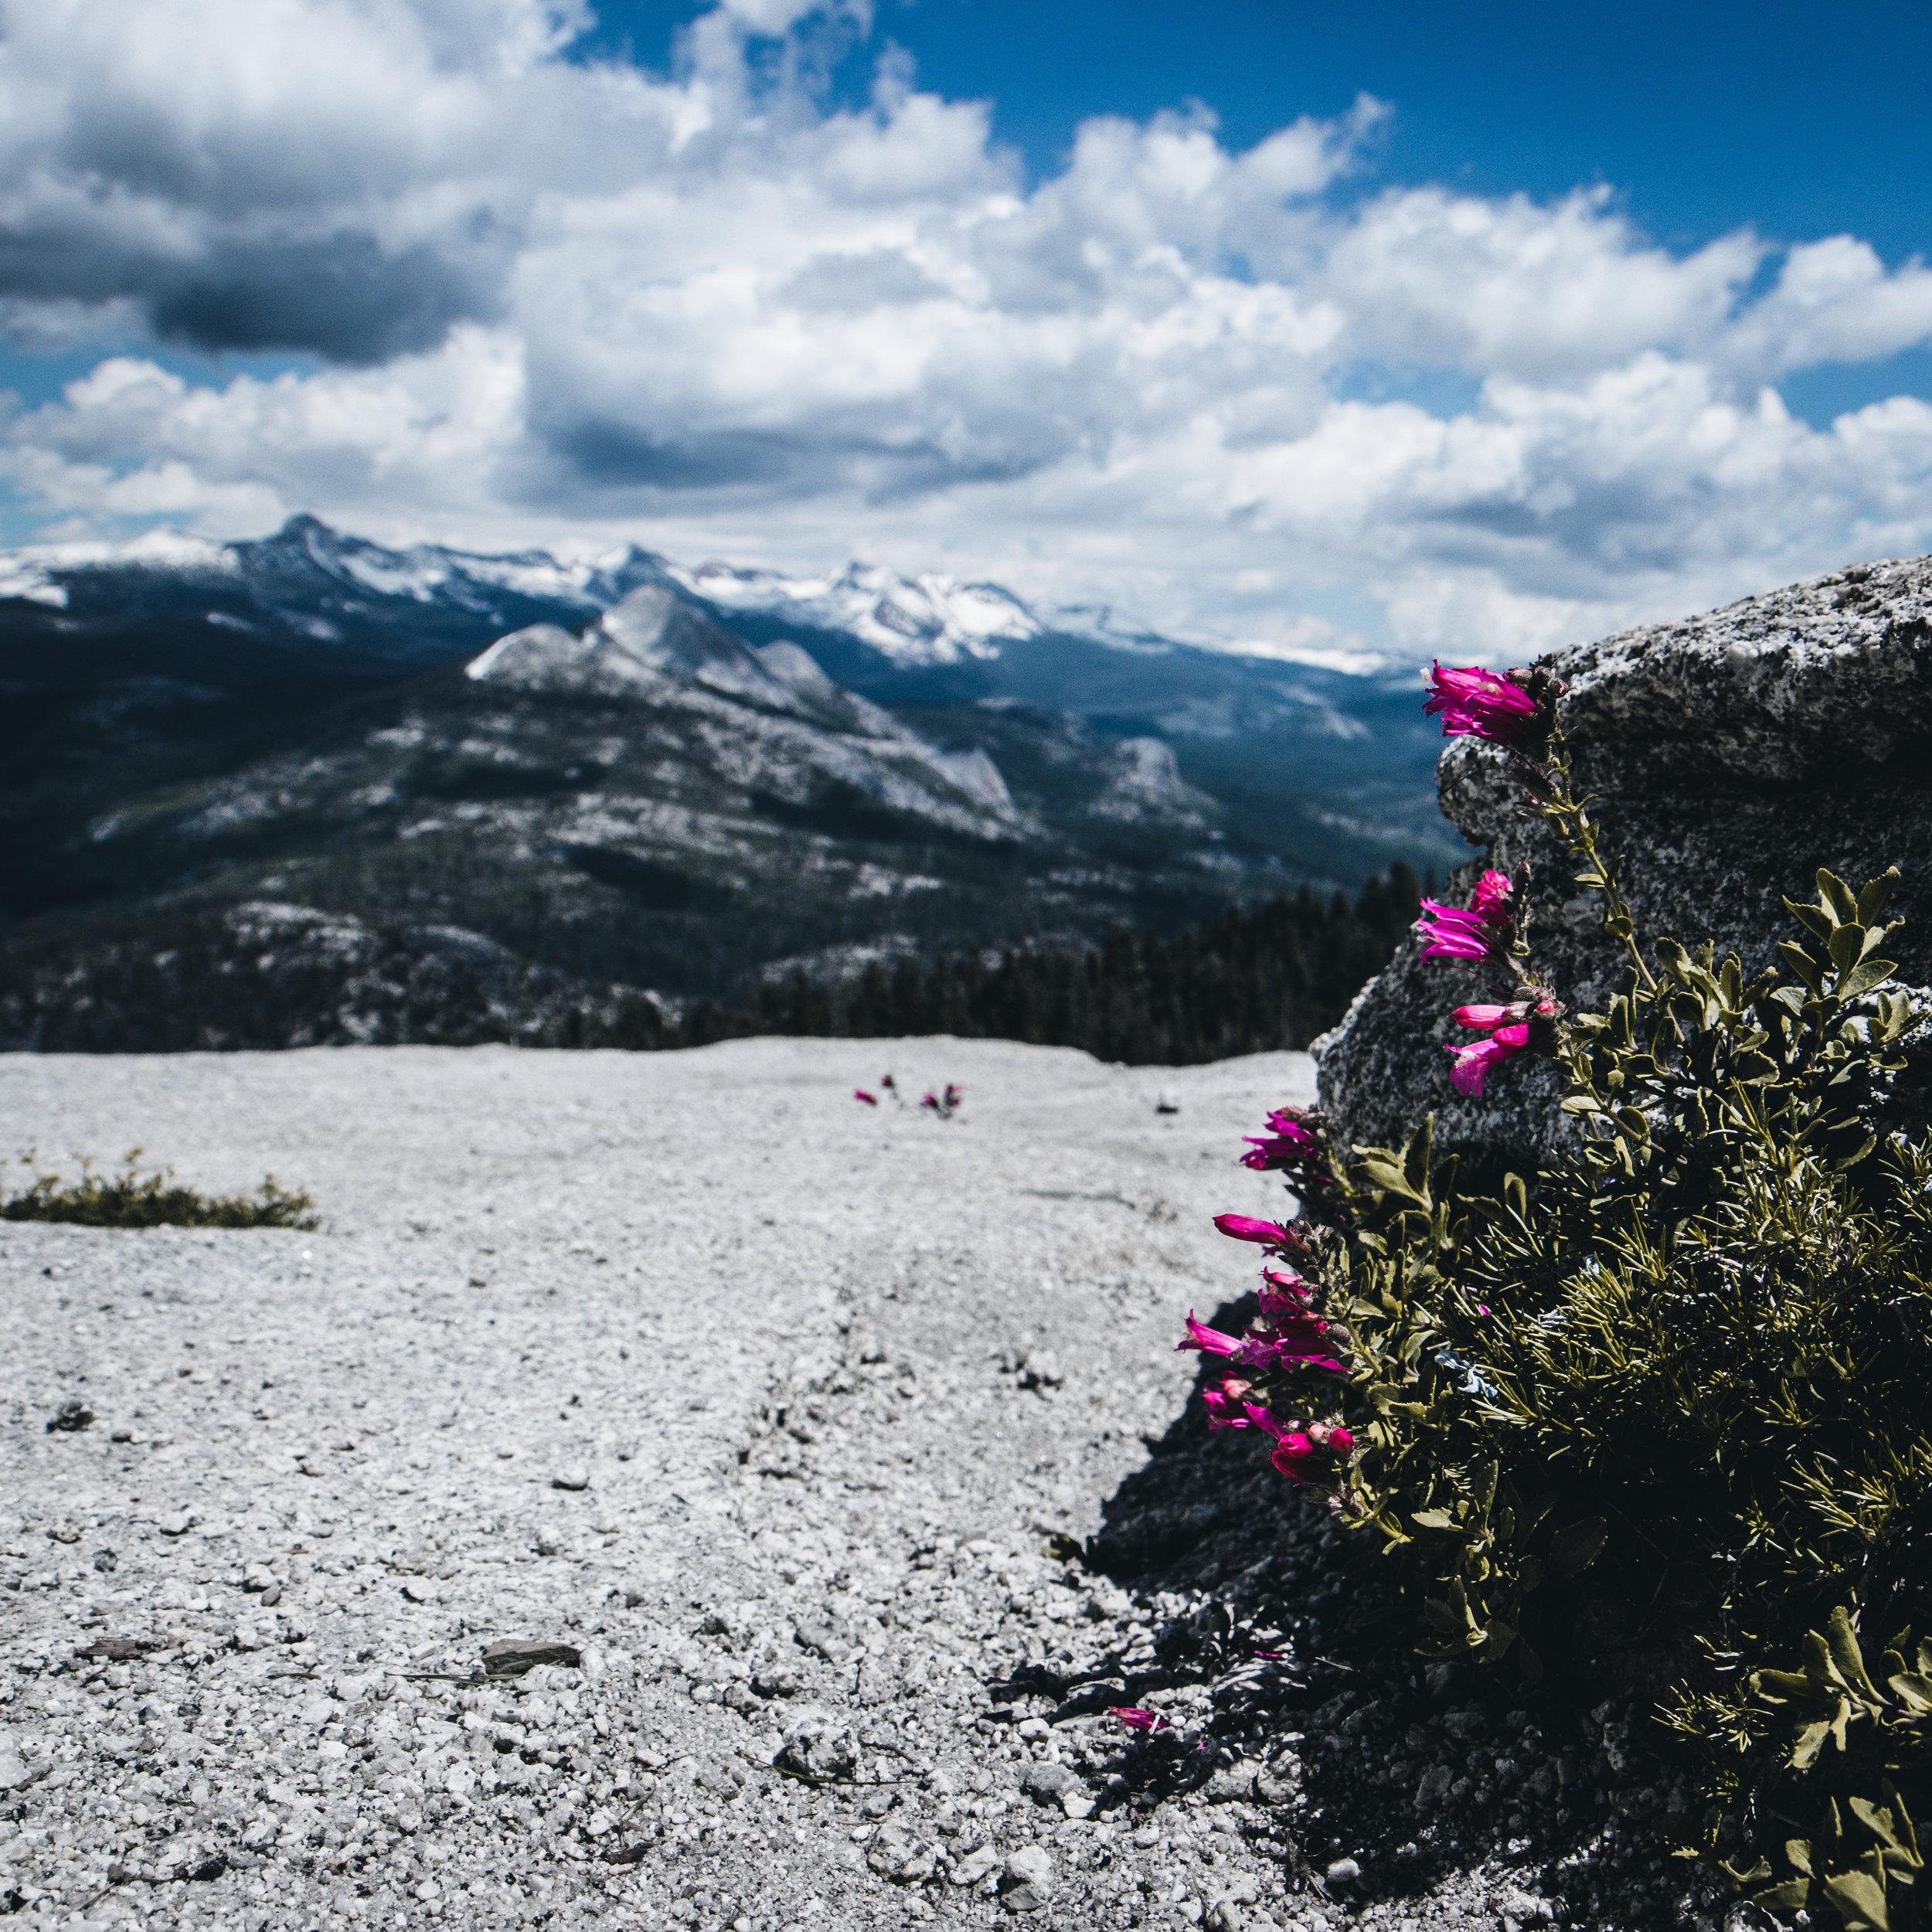 Mountains Yosemite - Herschl 7.jpg